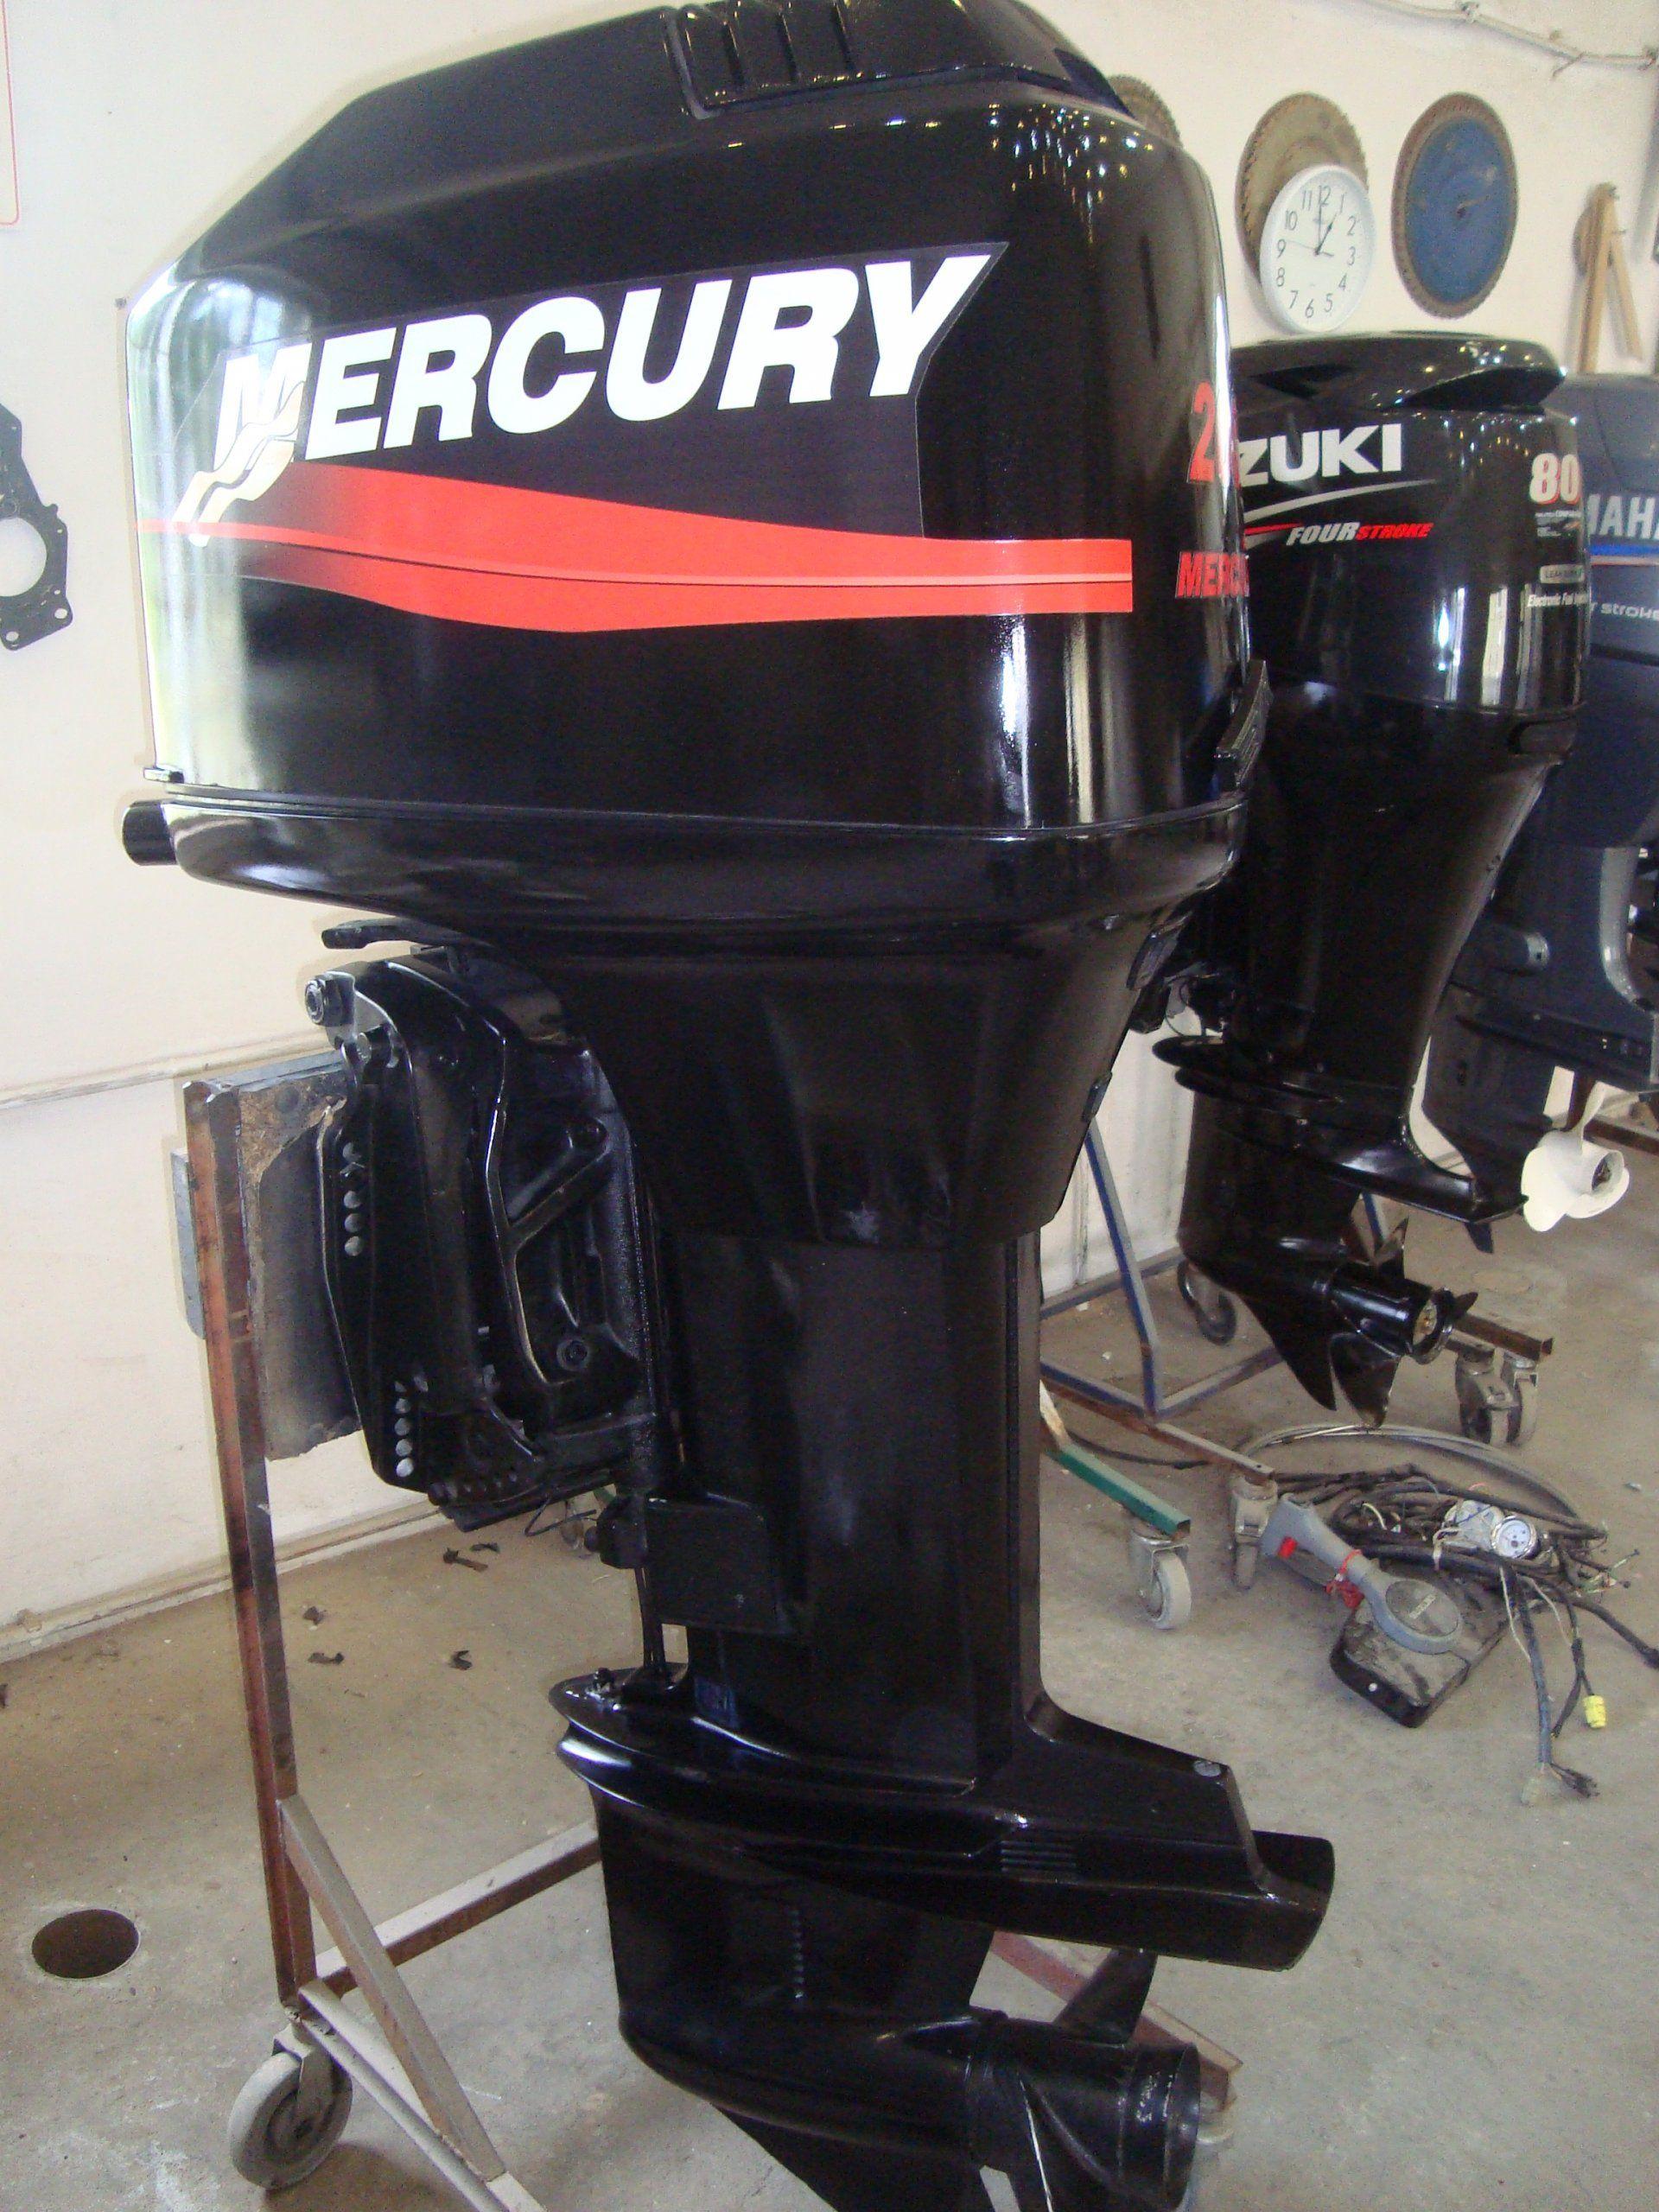 Silnik Zaburtowy Mercury 200km Okazja 6312687751 Oficjalne Archiwum Allegro 80 S